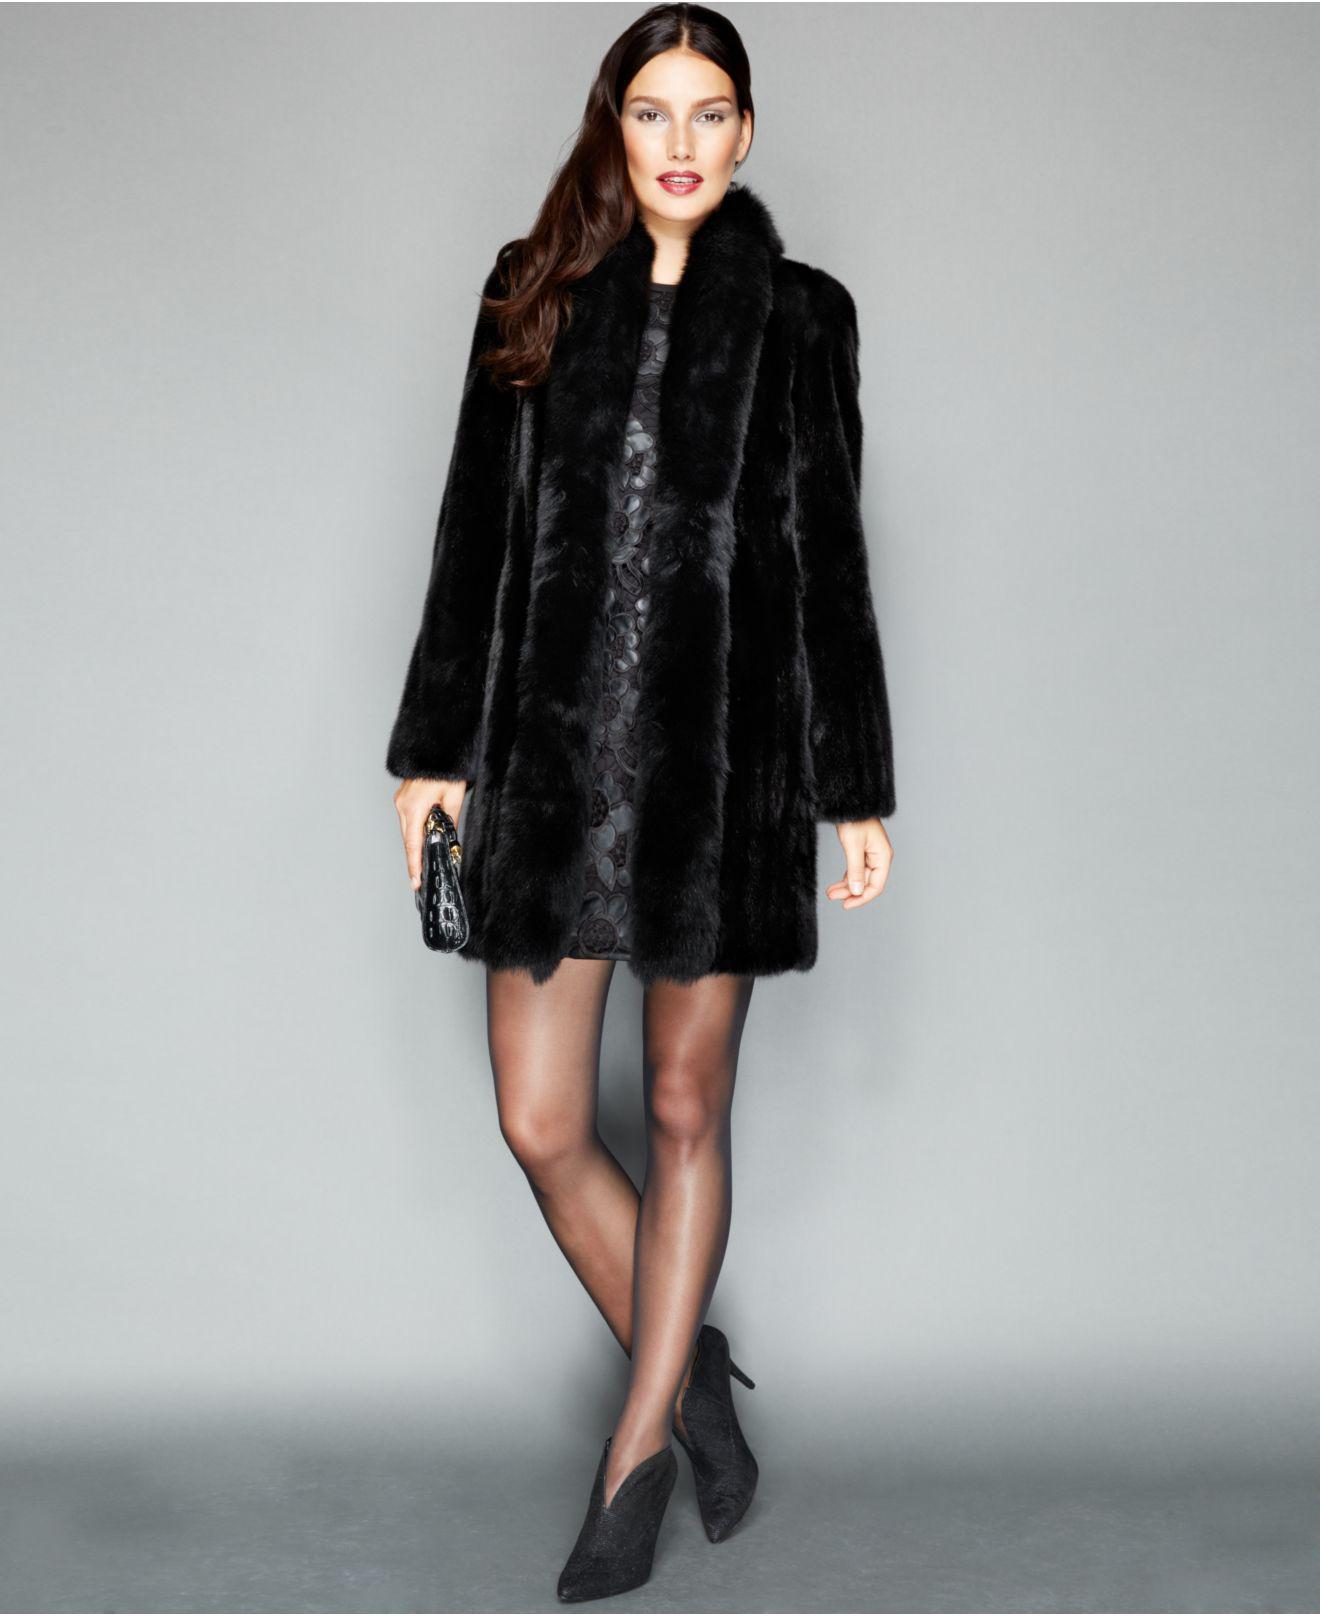 590a0e9d564 Lyst - The Fur Vault Fox-trimmed Mink Coat in Black